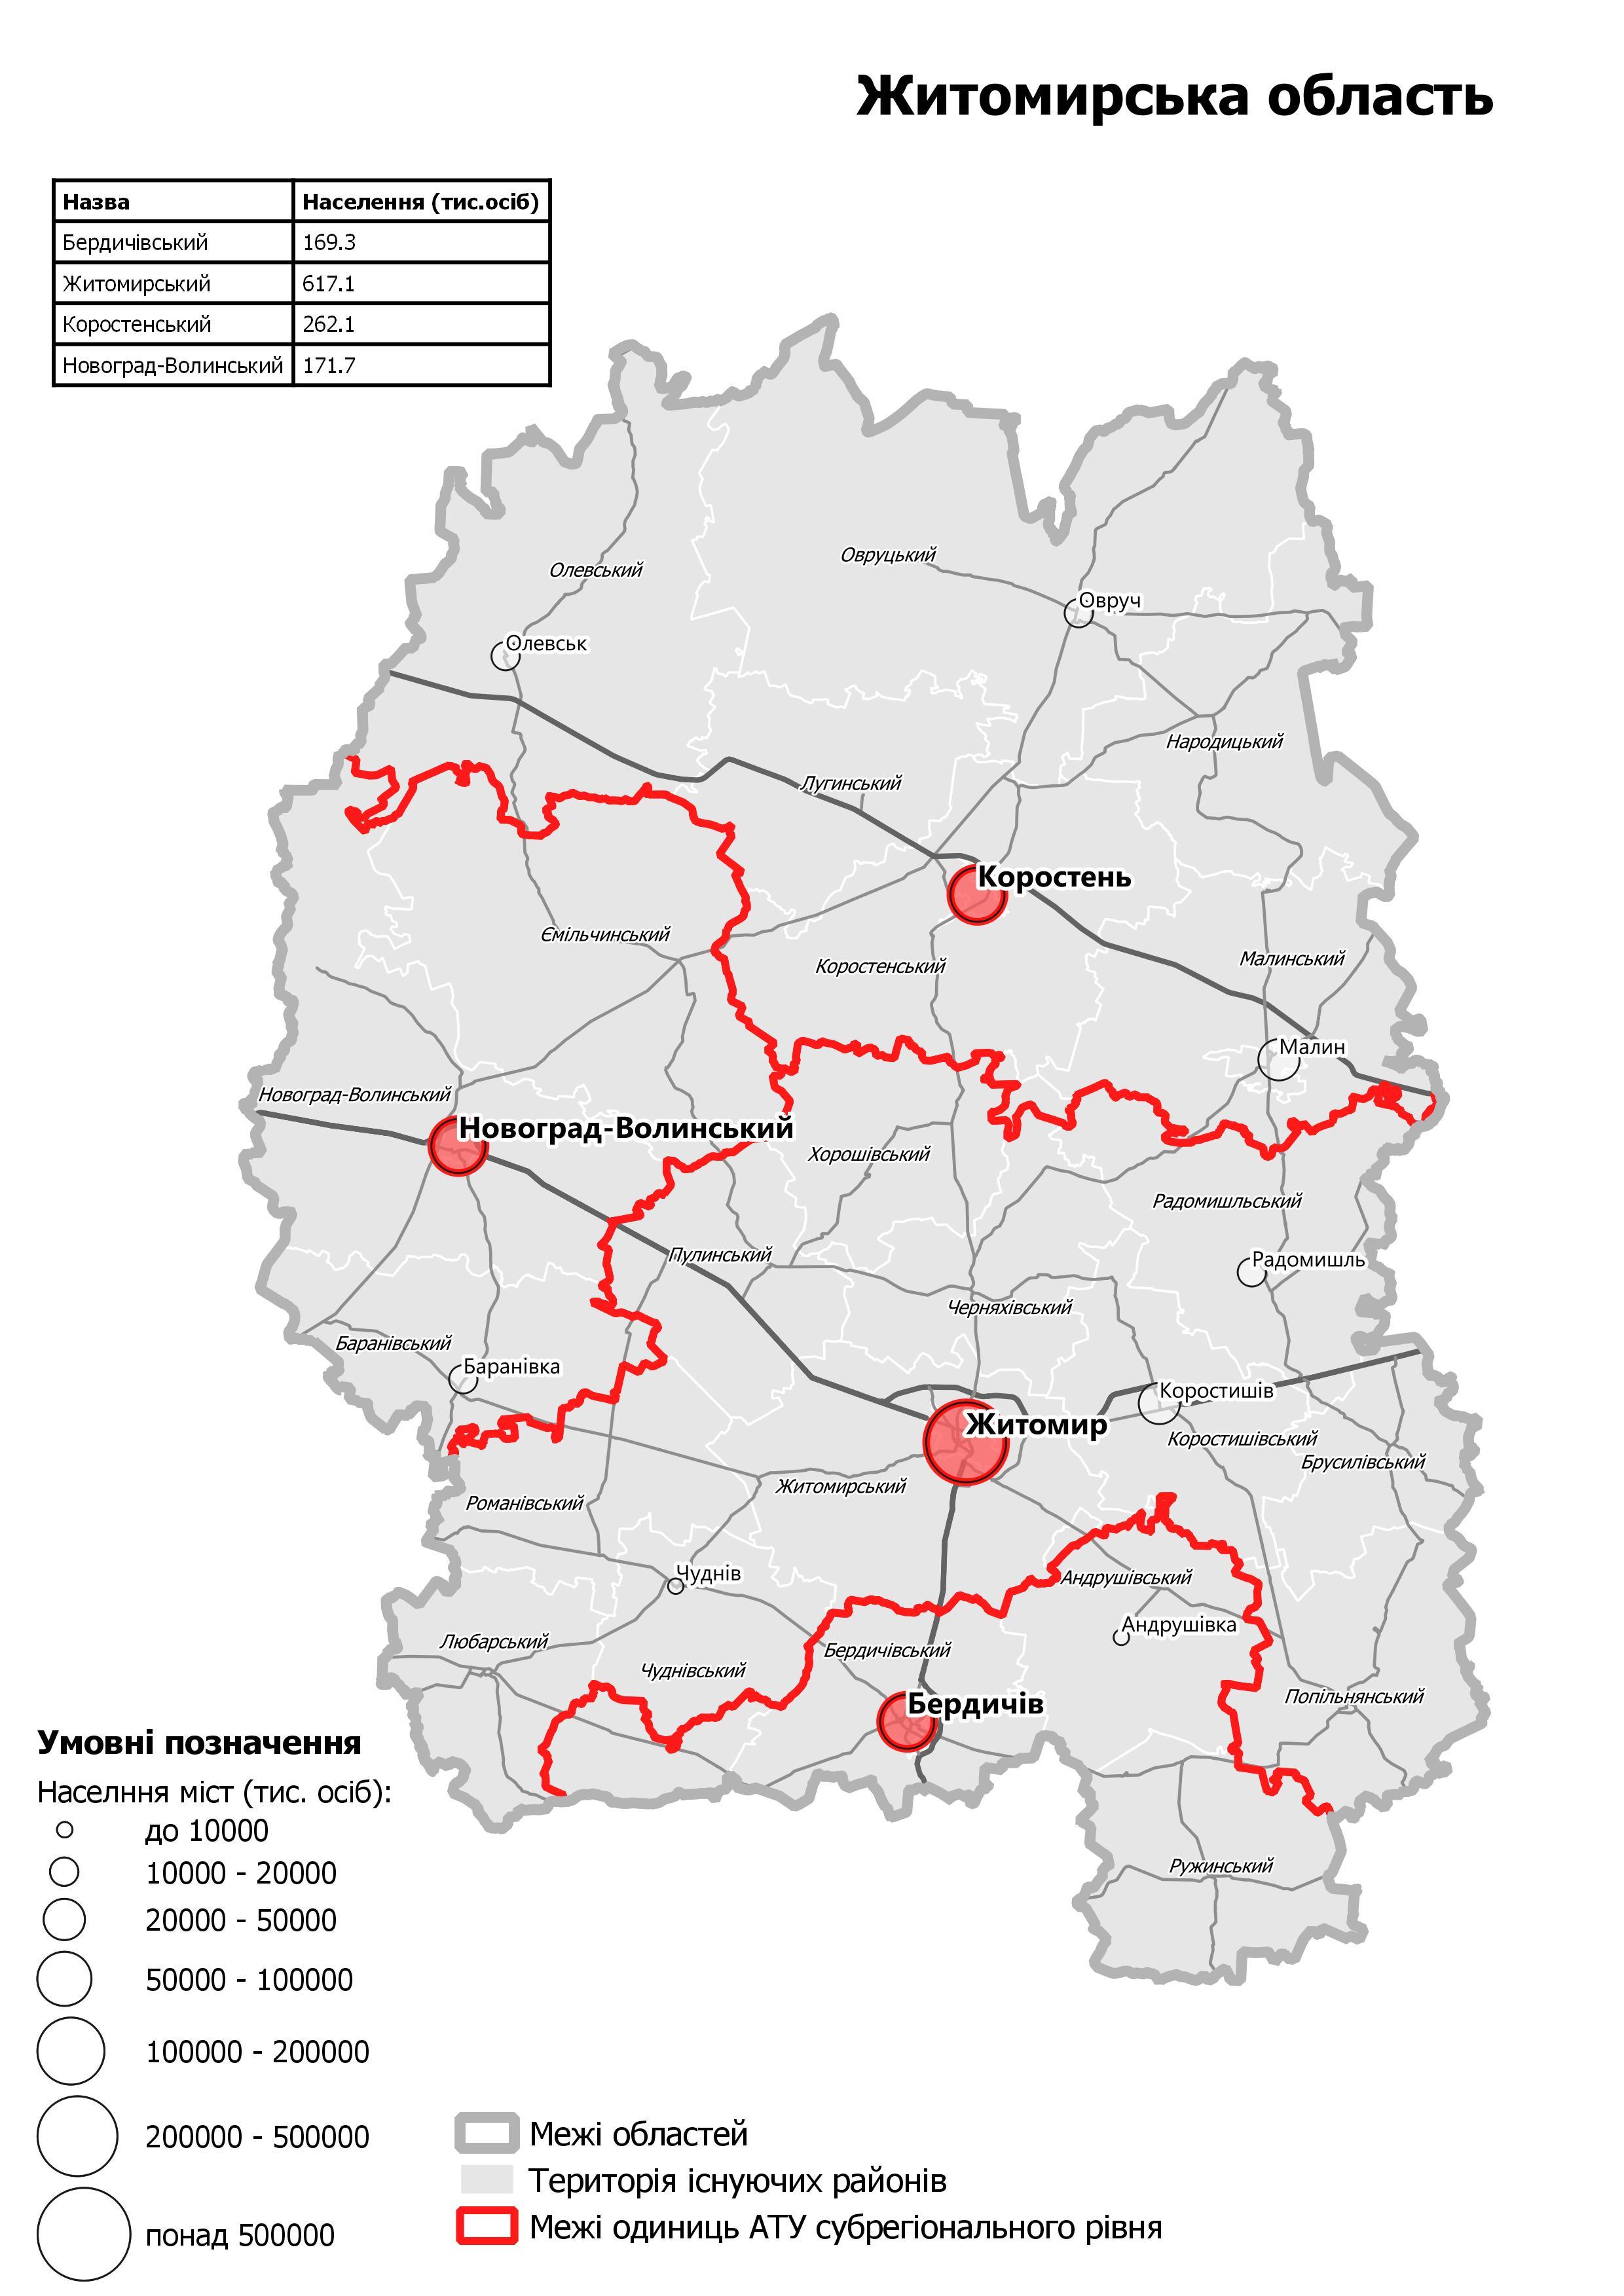 Проект территориального устройства Житомирской области